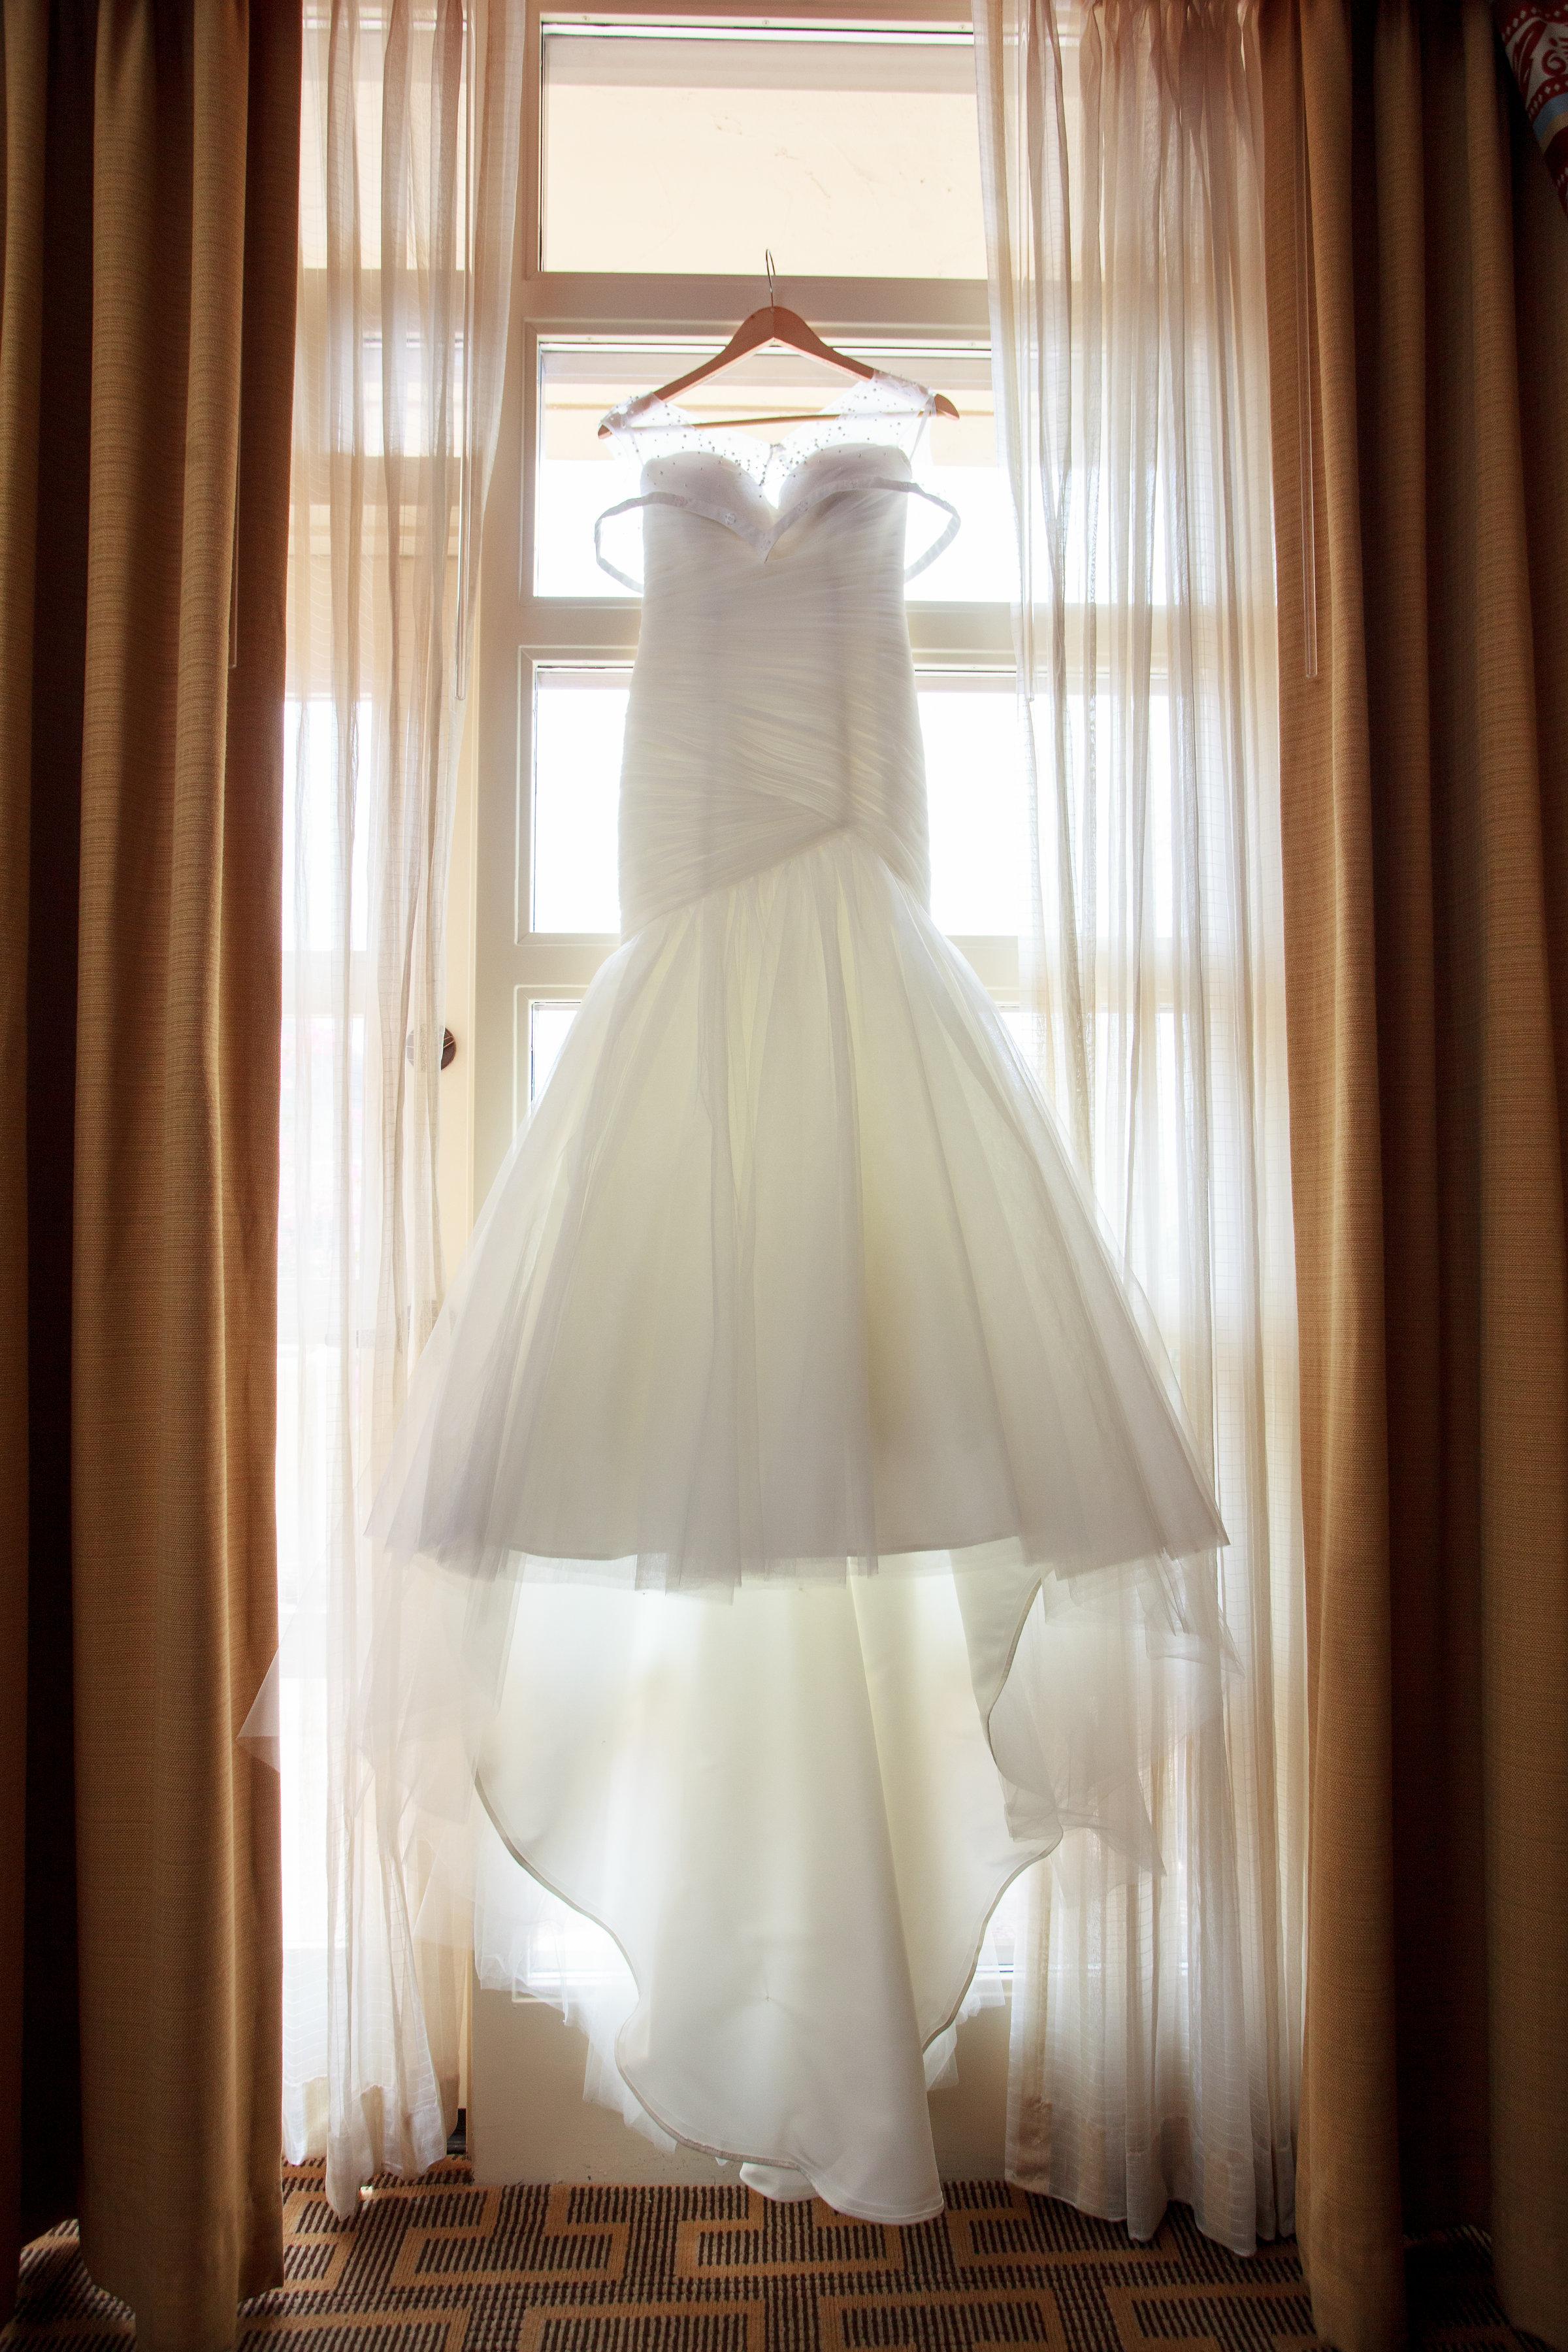 wedding, Arizona wedding, art museum wedding, wedding planner, wedding lighting, Phoenix-Scottsdale-Arizona-Wedding-Planner-Wedding-Venue-Destination-Wedding-Planner, wedding dress